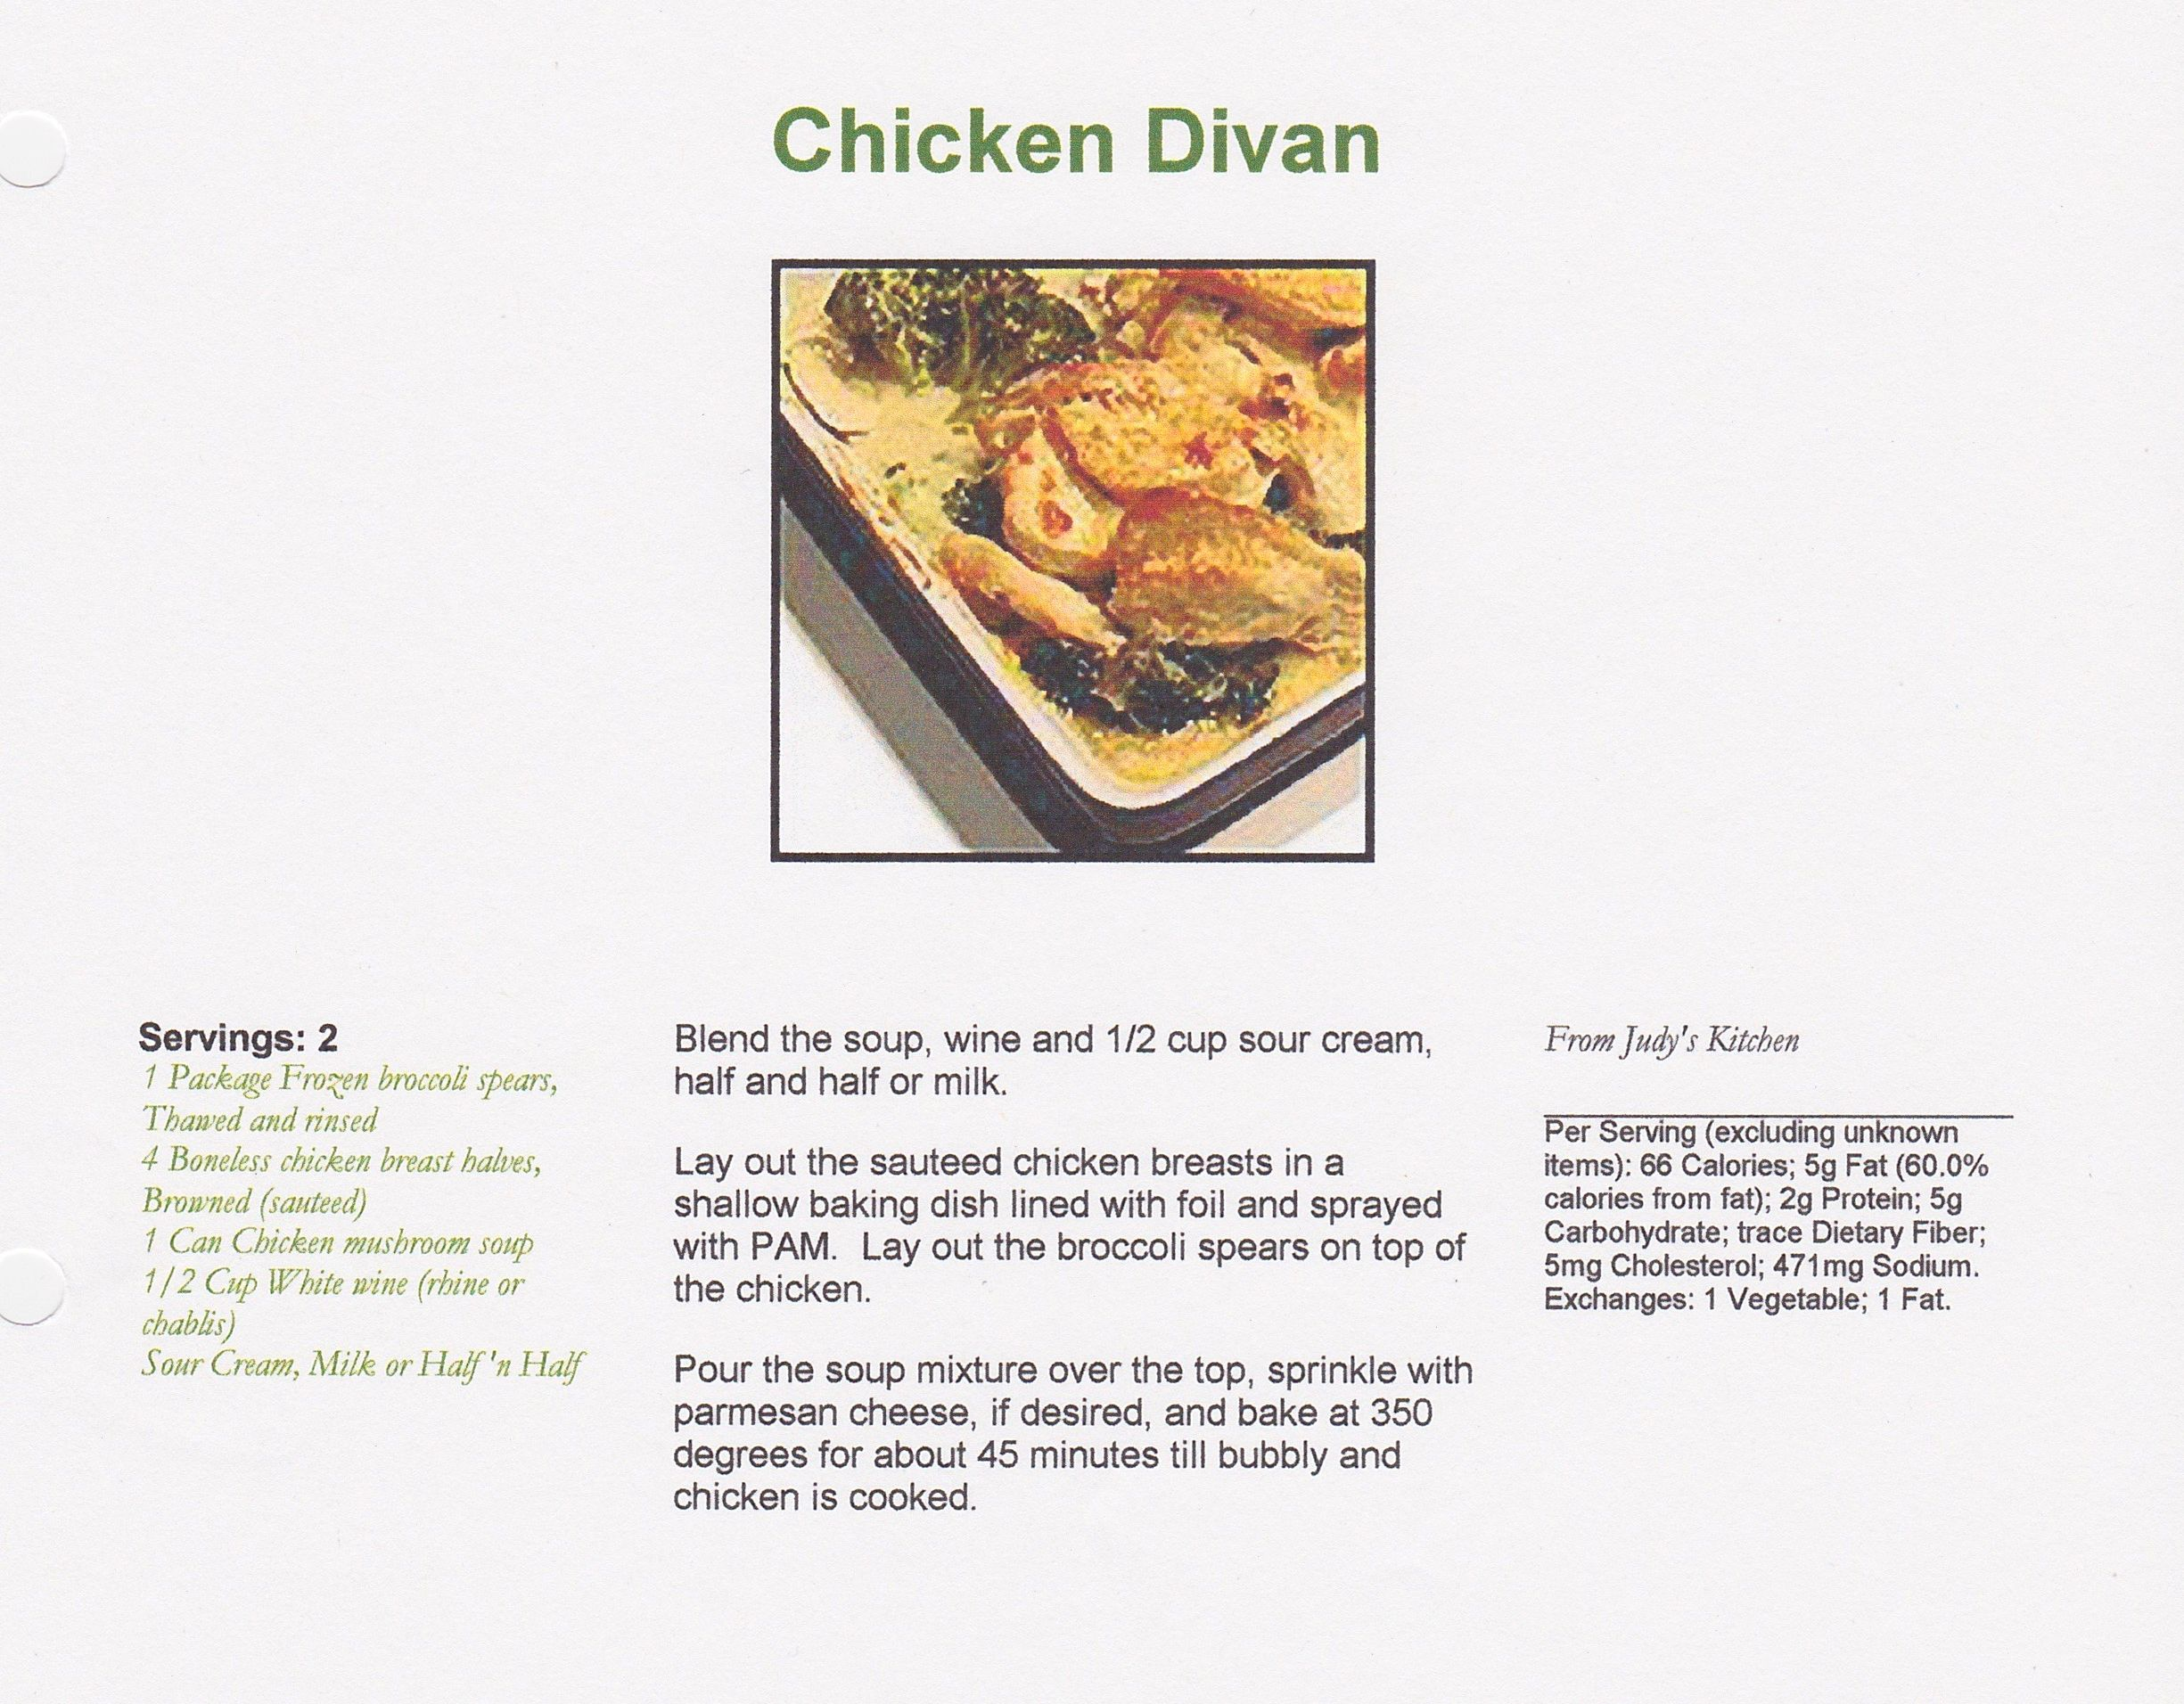 chicken divan from judys kitchen - Judys Kitchen 2